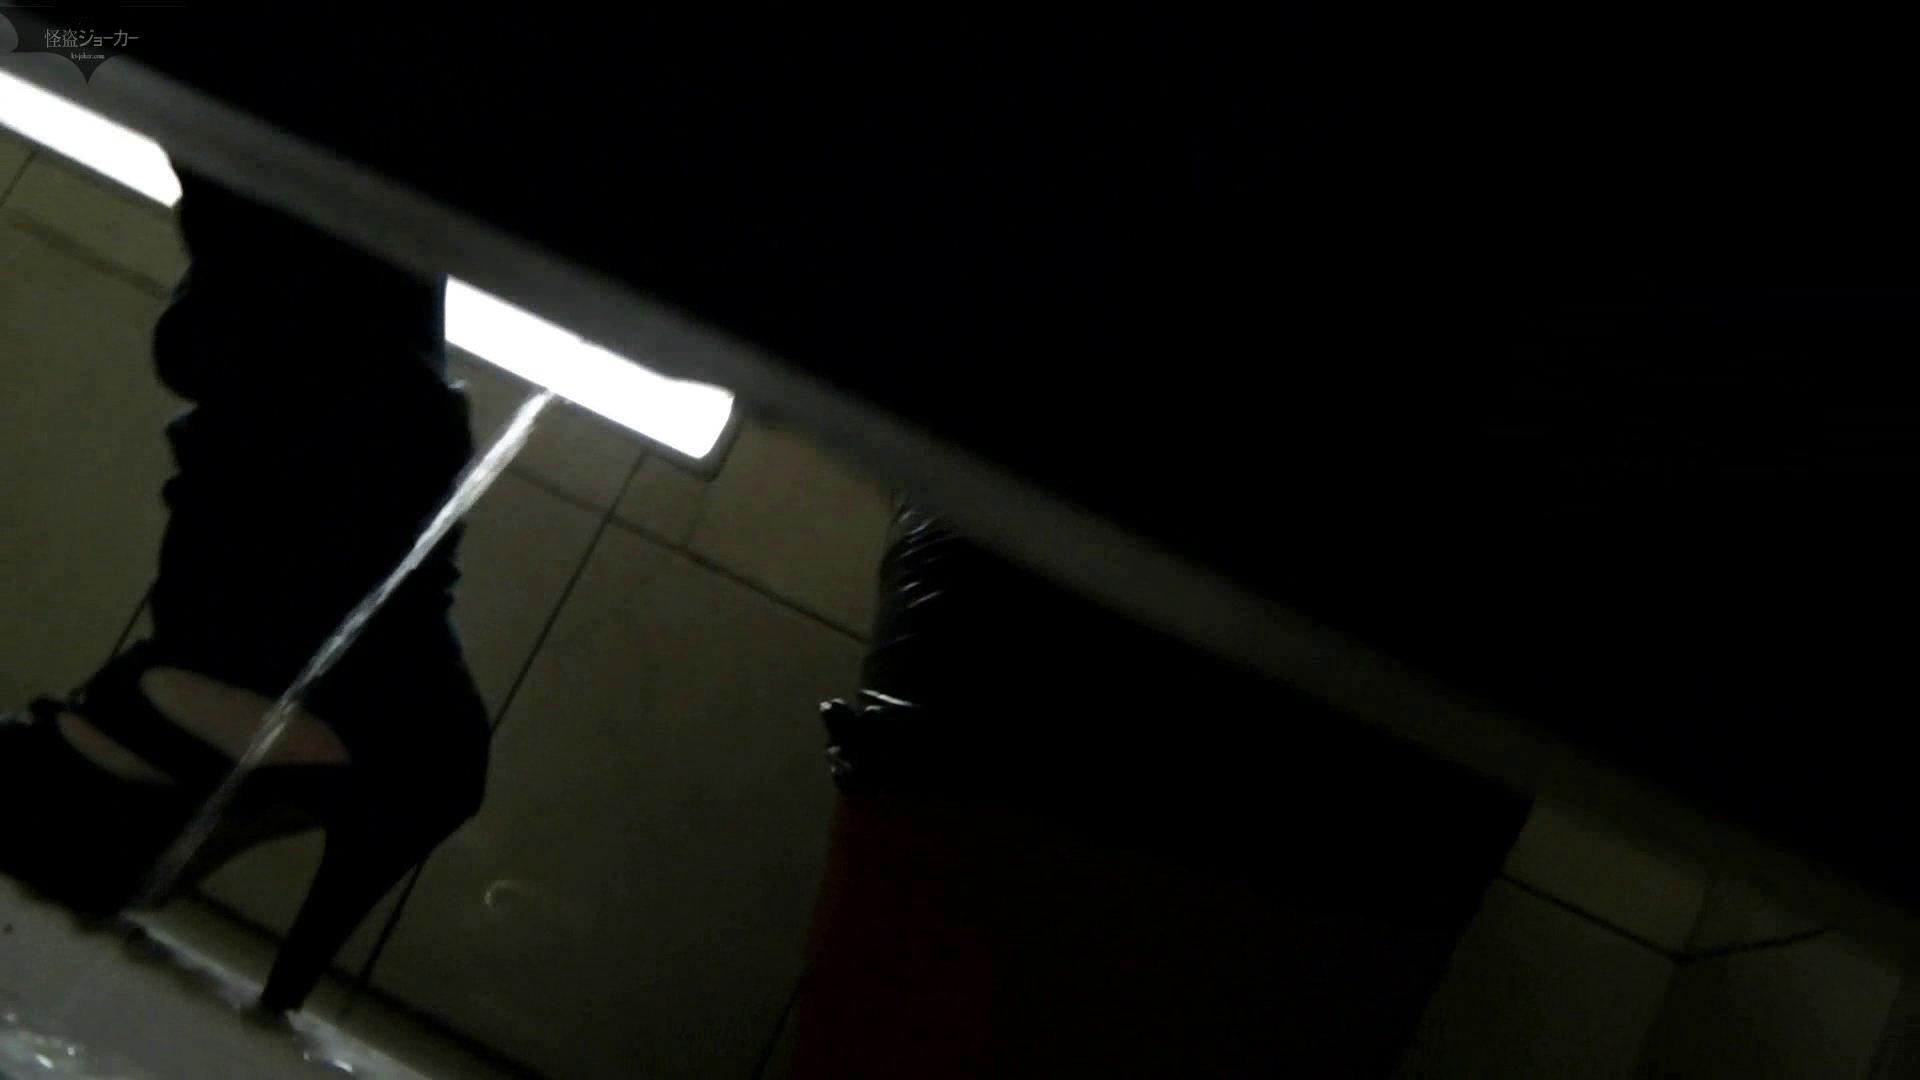 ステーション編 vol.25 必見桜庭みなみ?似 登場! お姉さん攻略 AV動画キャプチャ 110画像 4